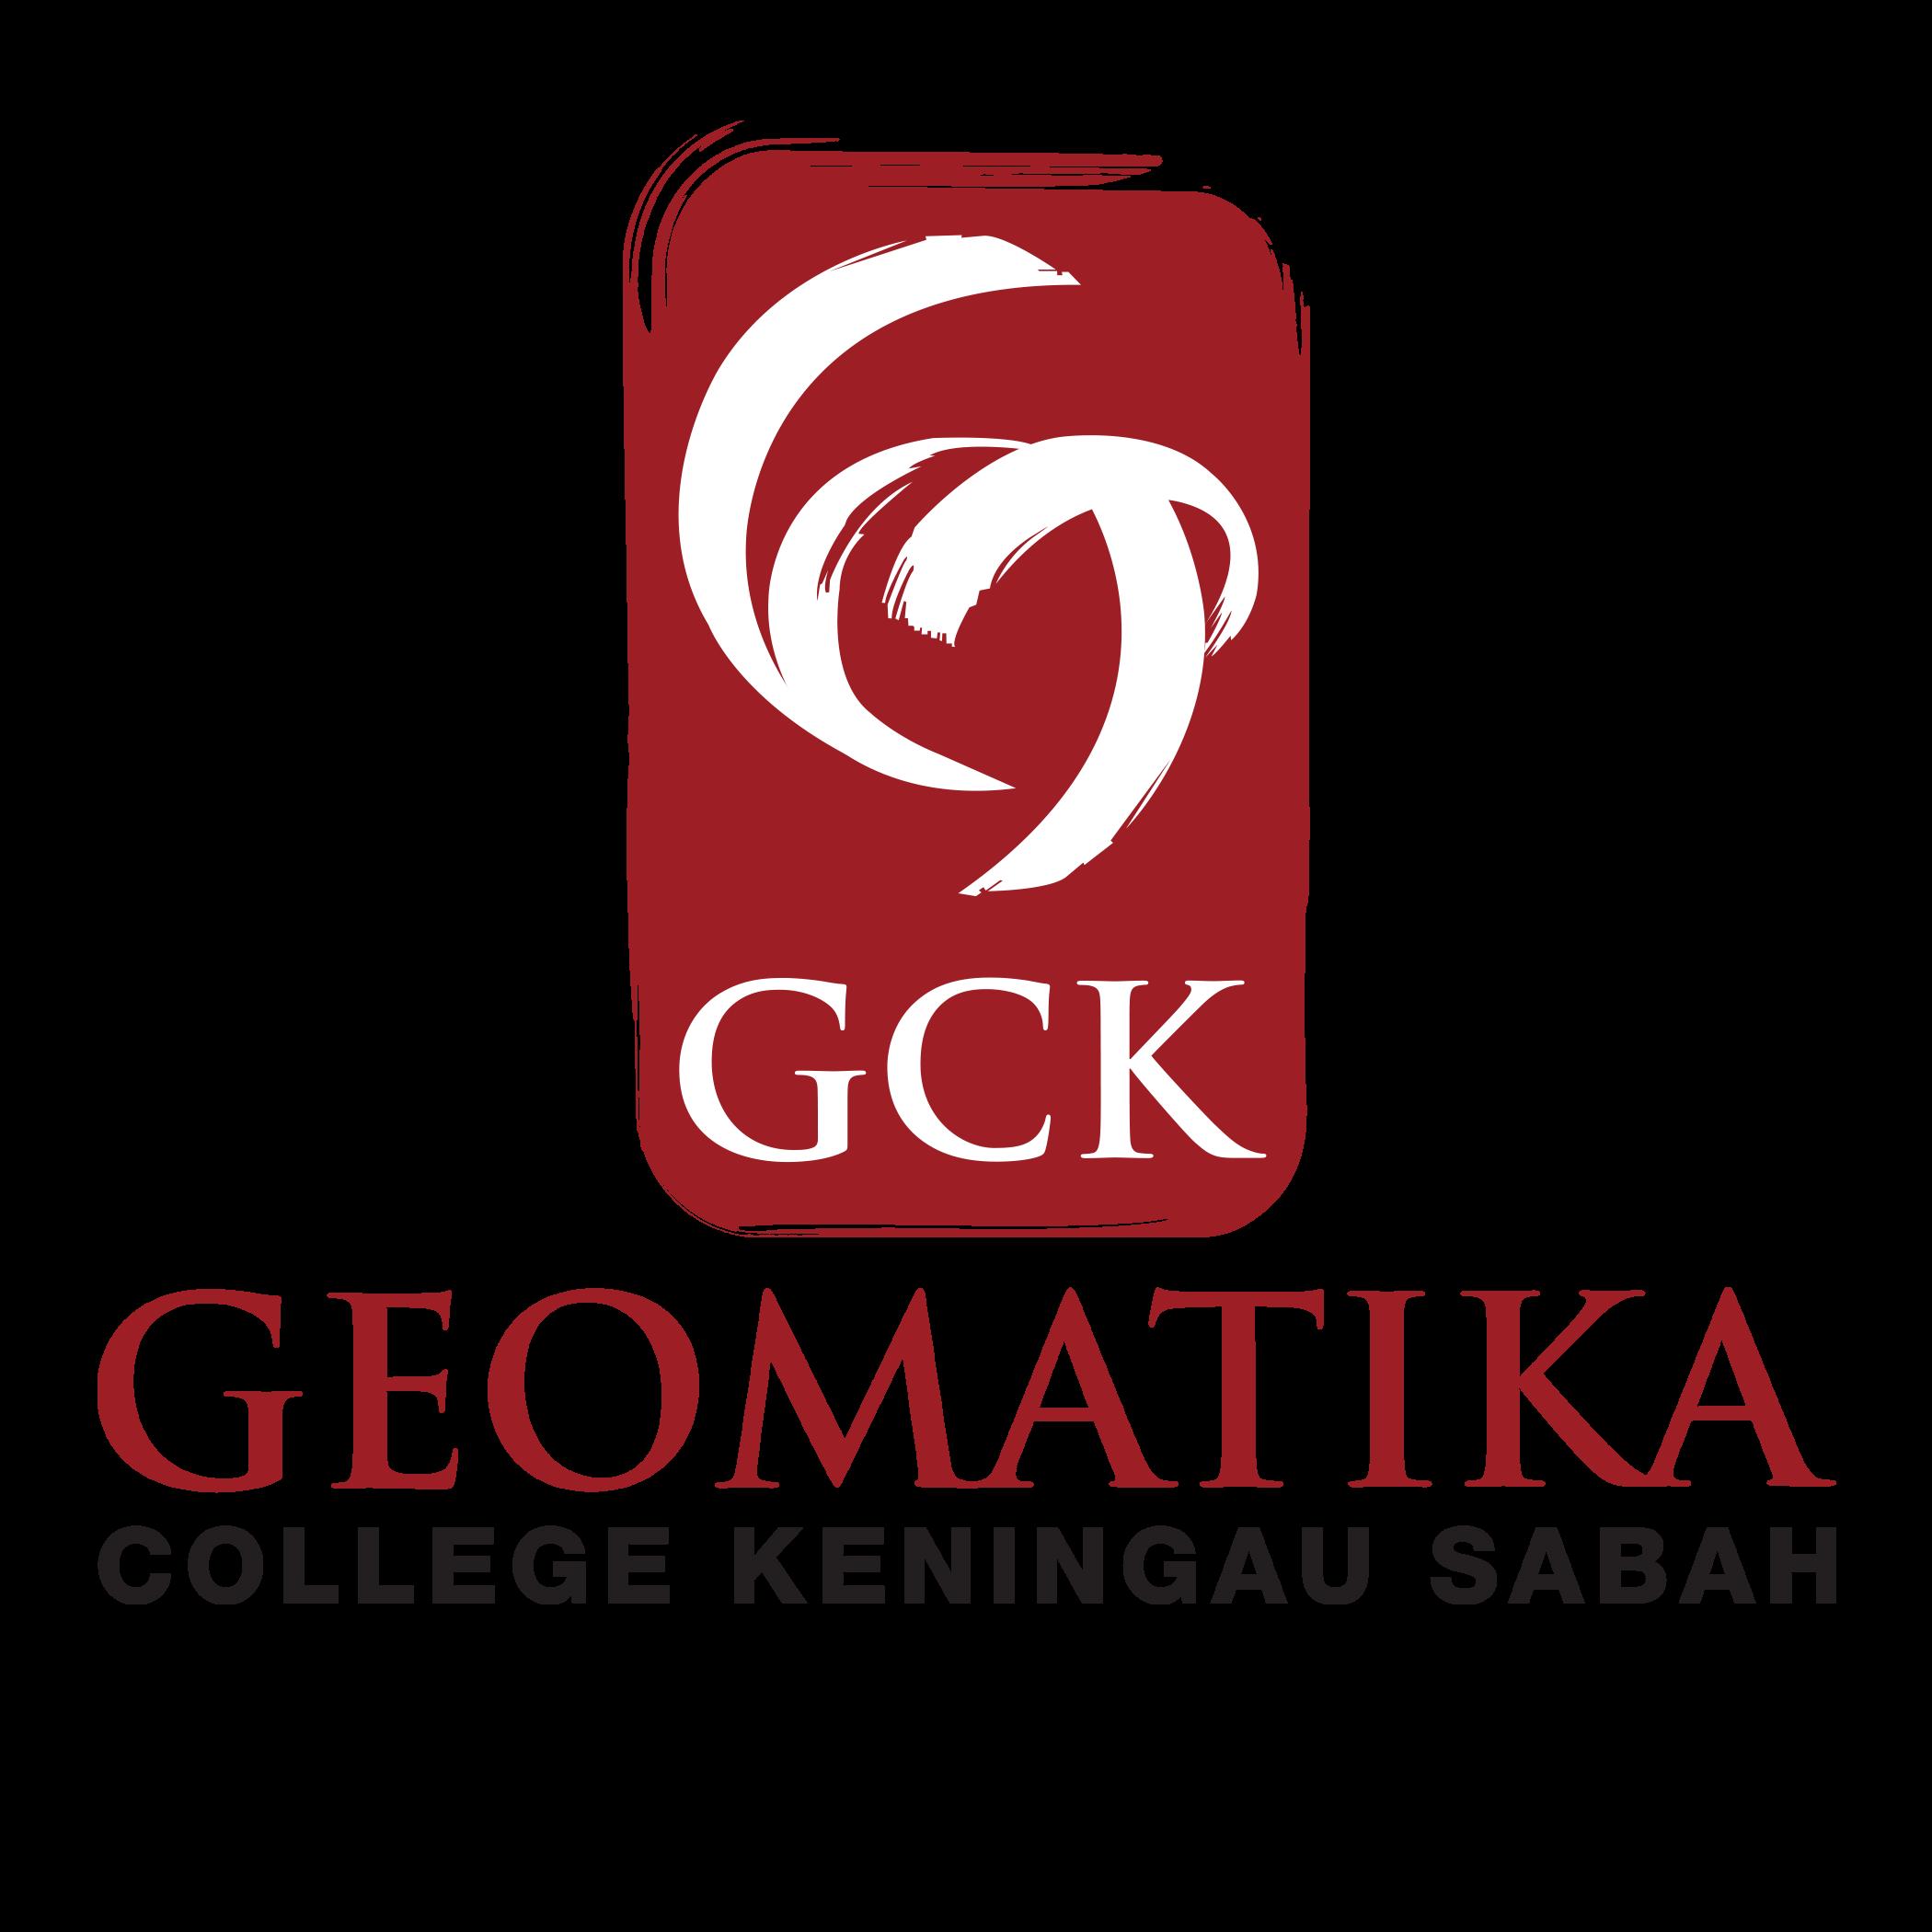 Geomatika College Keningau